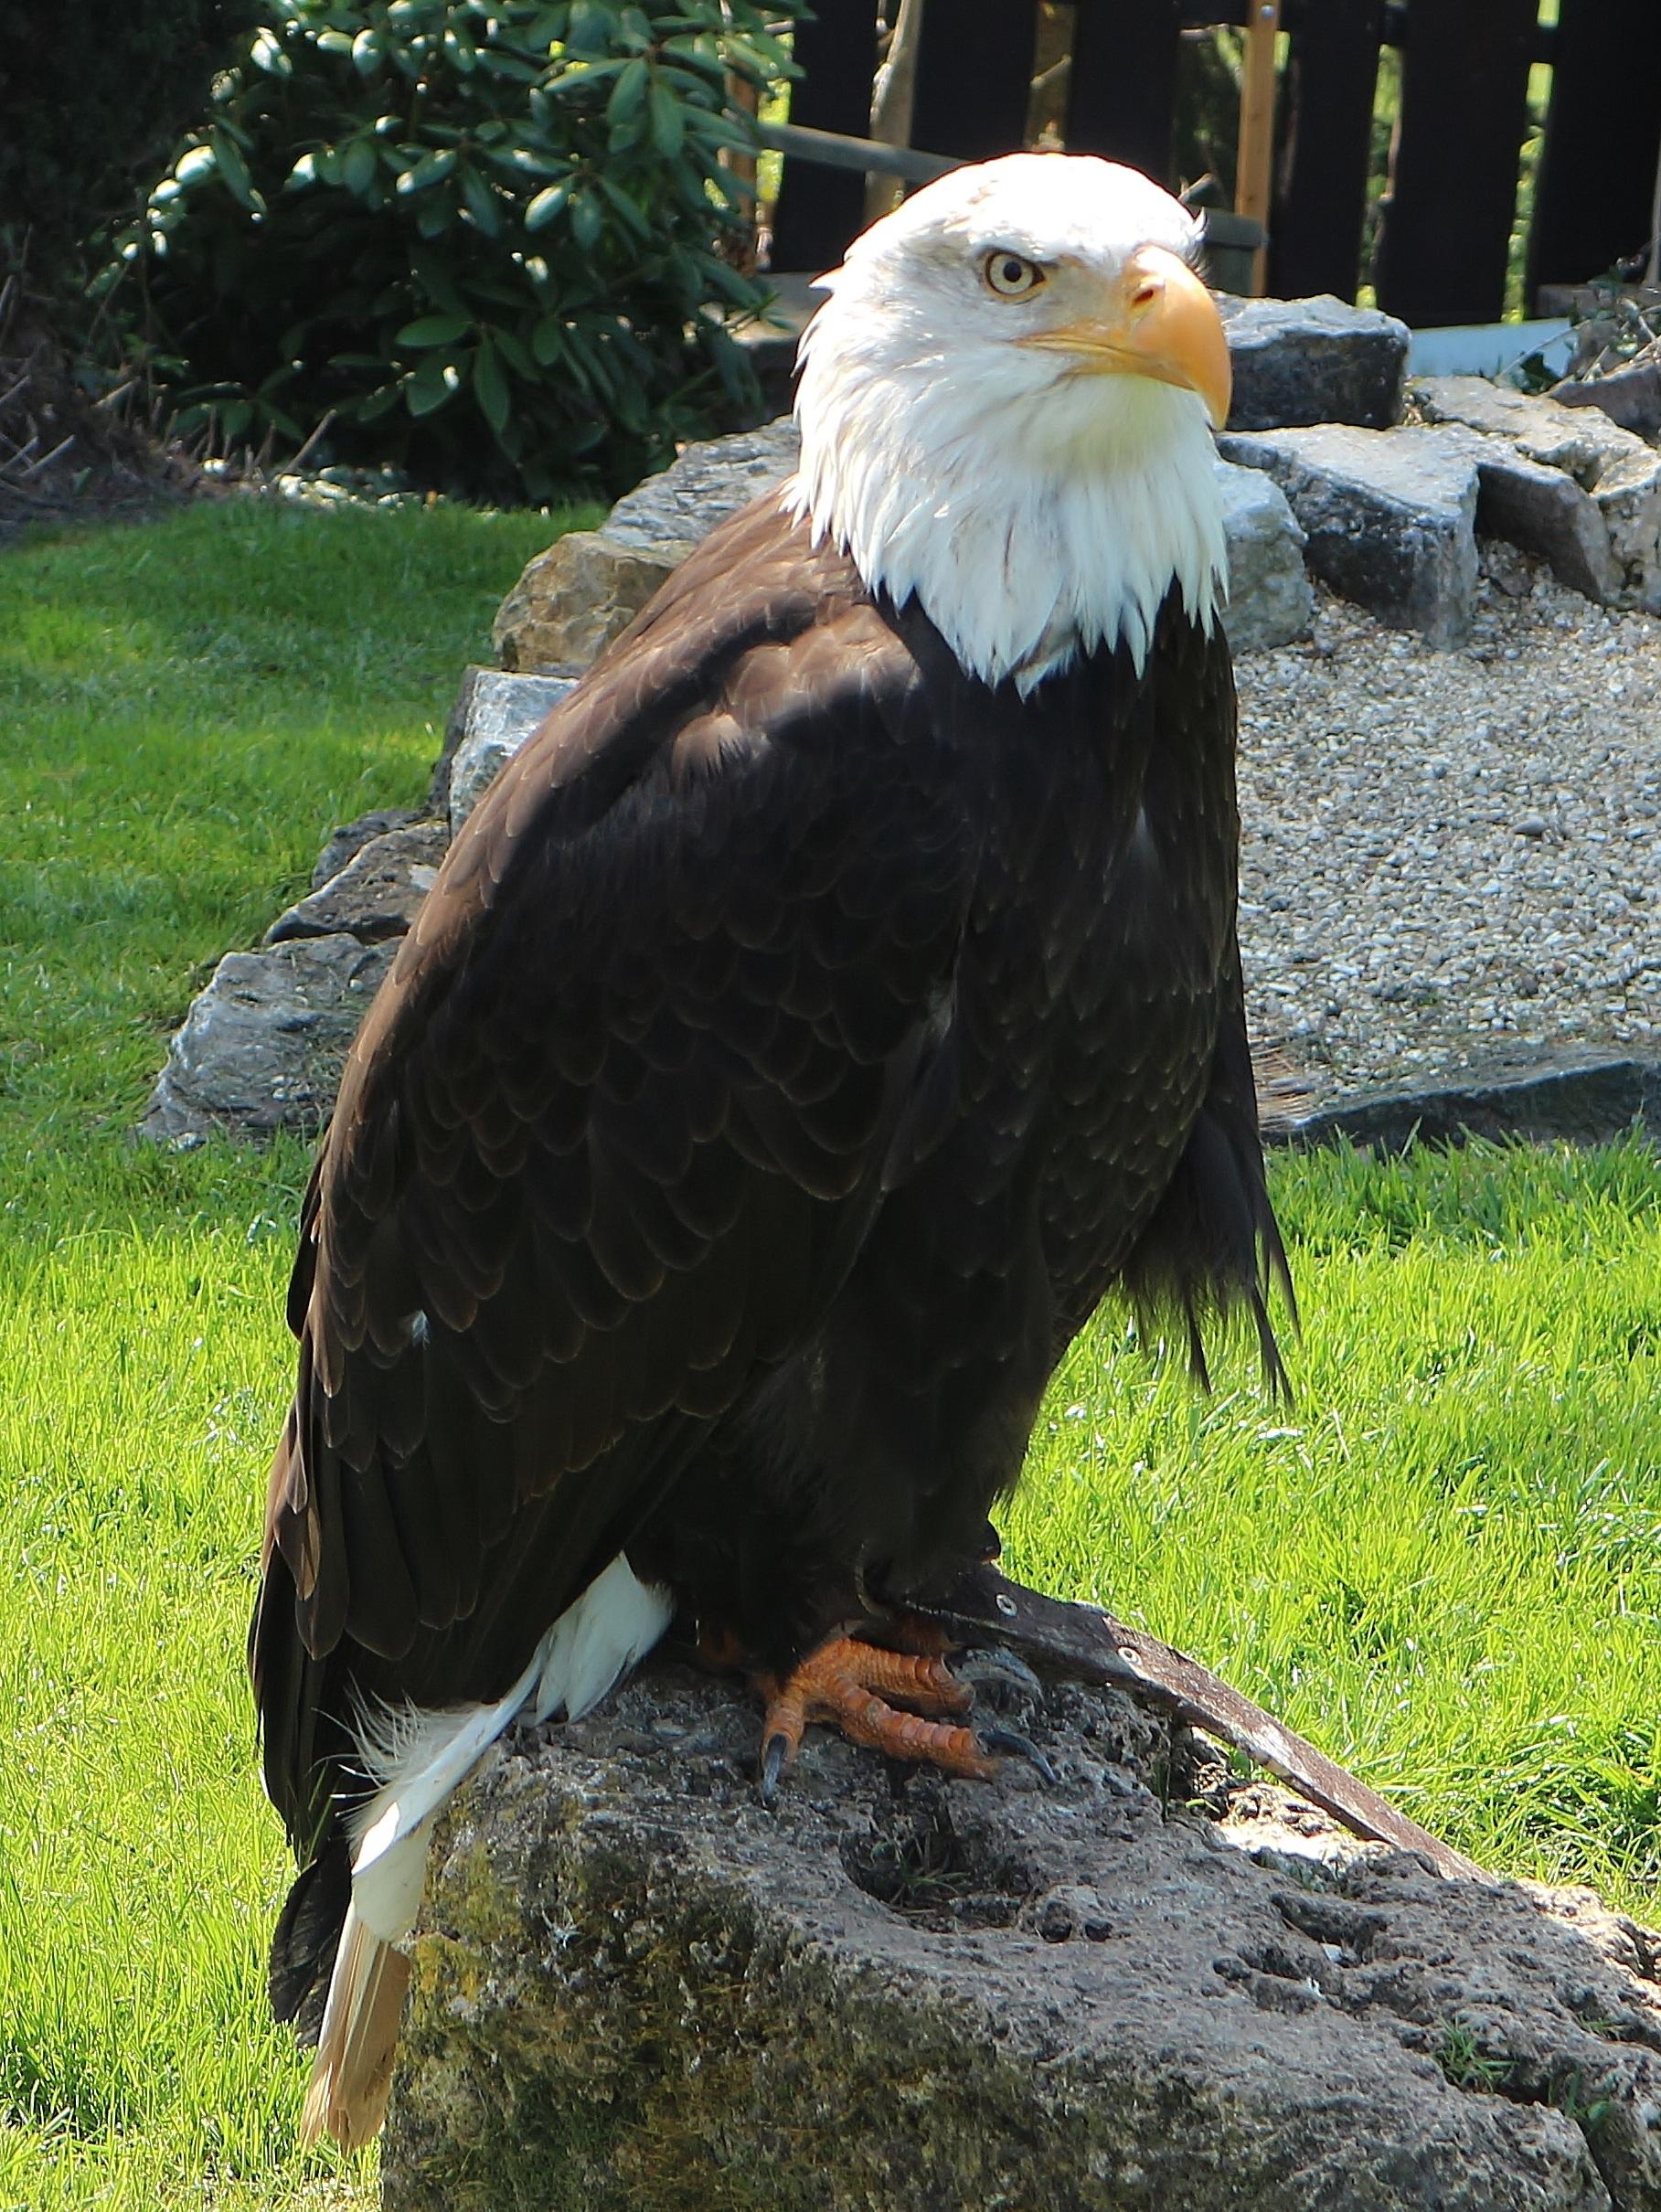 480 Koleksi Gambar Burung Rajawali Asli HD